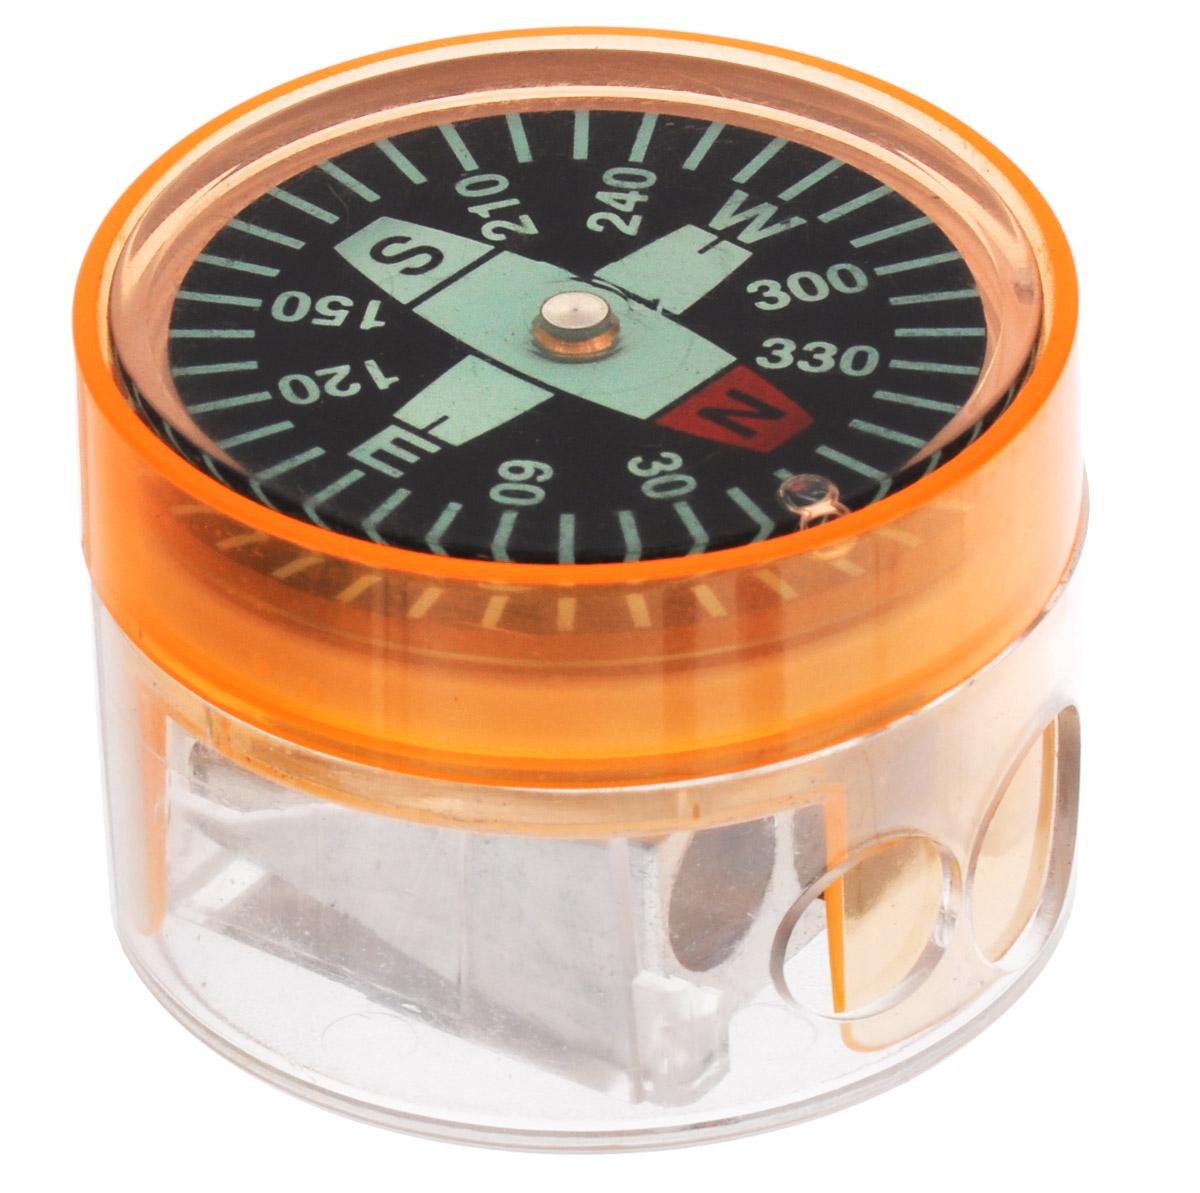 Brunnen Точилка двойная Компас цвет оранжевый29836\255718\BCD_оранжевыйТочилка двойная Компас выполнена из прочного пластика.В точилке имеются два отверстия для карандашей разного диаметра, подходит для различных видов карандашей. При повороте пластикового контейнера, отверстия закрываются.Полупрозрачный контейнер для сбора стружки позволяет визуально контролировать уровень заполнения и вовремя производить очистку. В дно контейнера встроен небольшой компас.